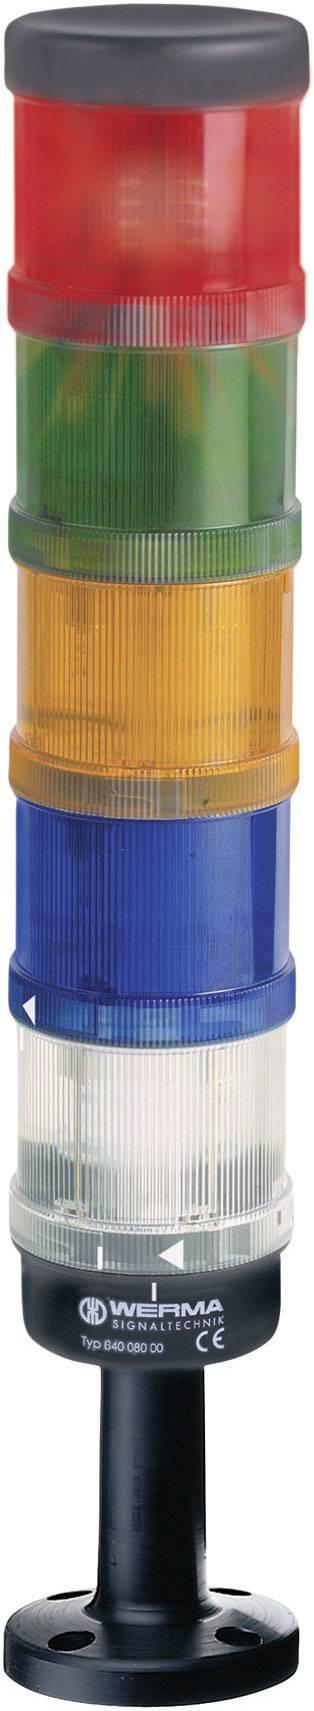 Súčasť signalizačného stĺpika LED Werma Signaltechnik WERMA KombiSign 71 644.320.55, 24 V/DC, blikanie, žltá